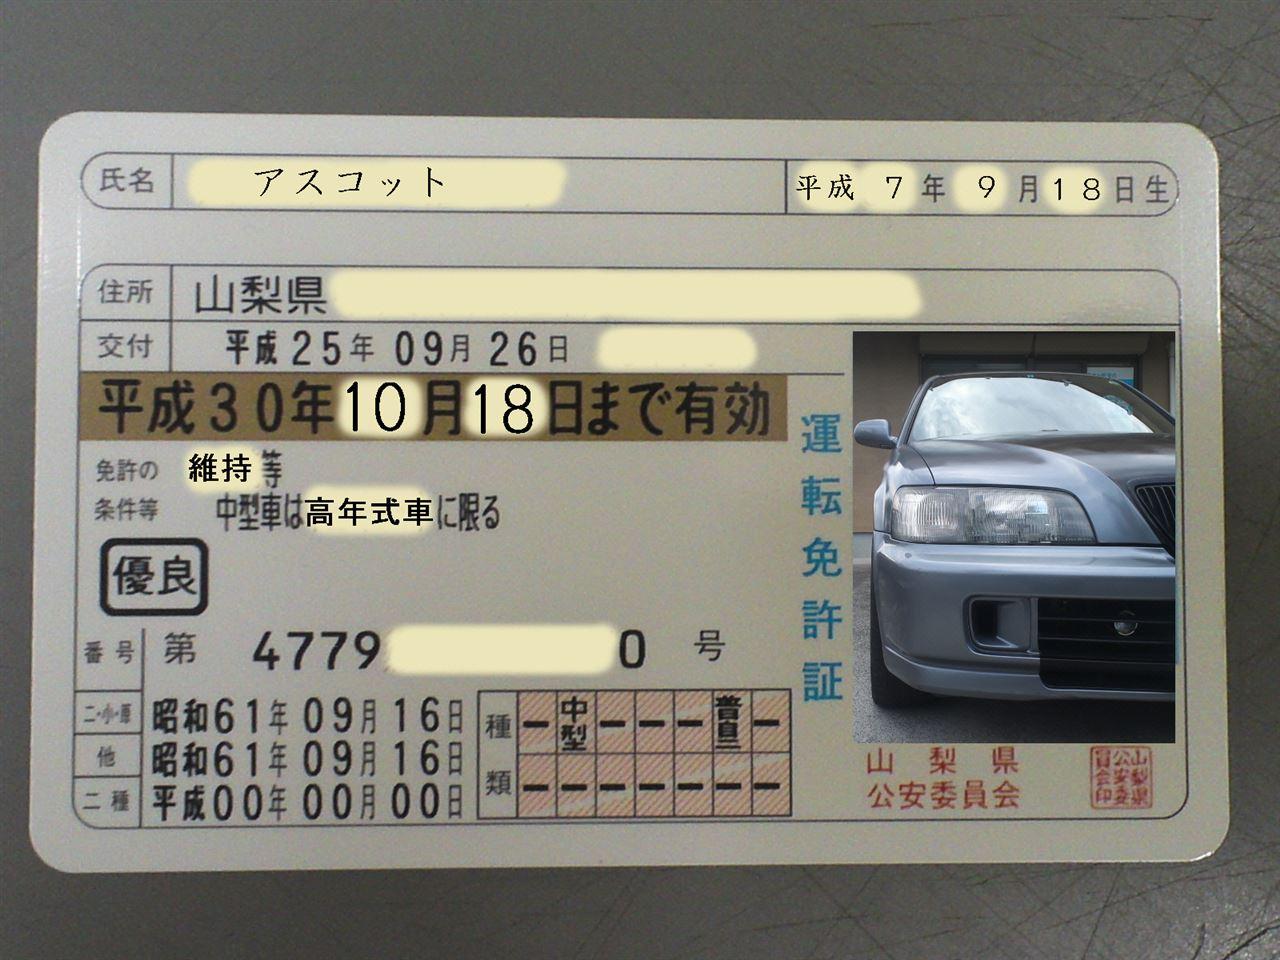 この 運転免許証 ですが、ナニ ...